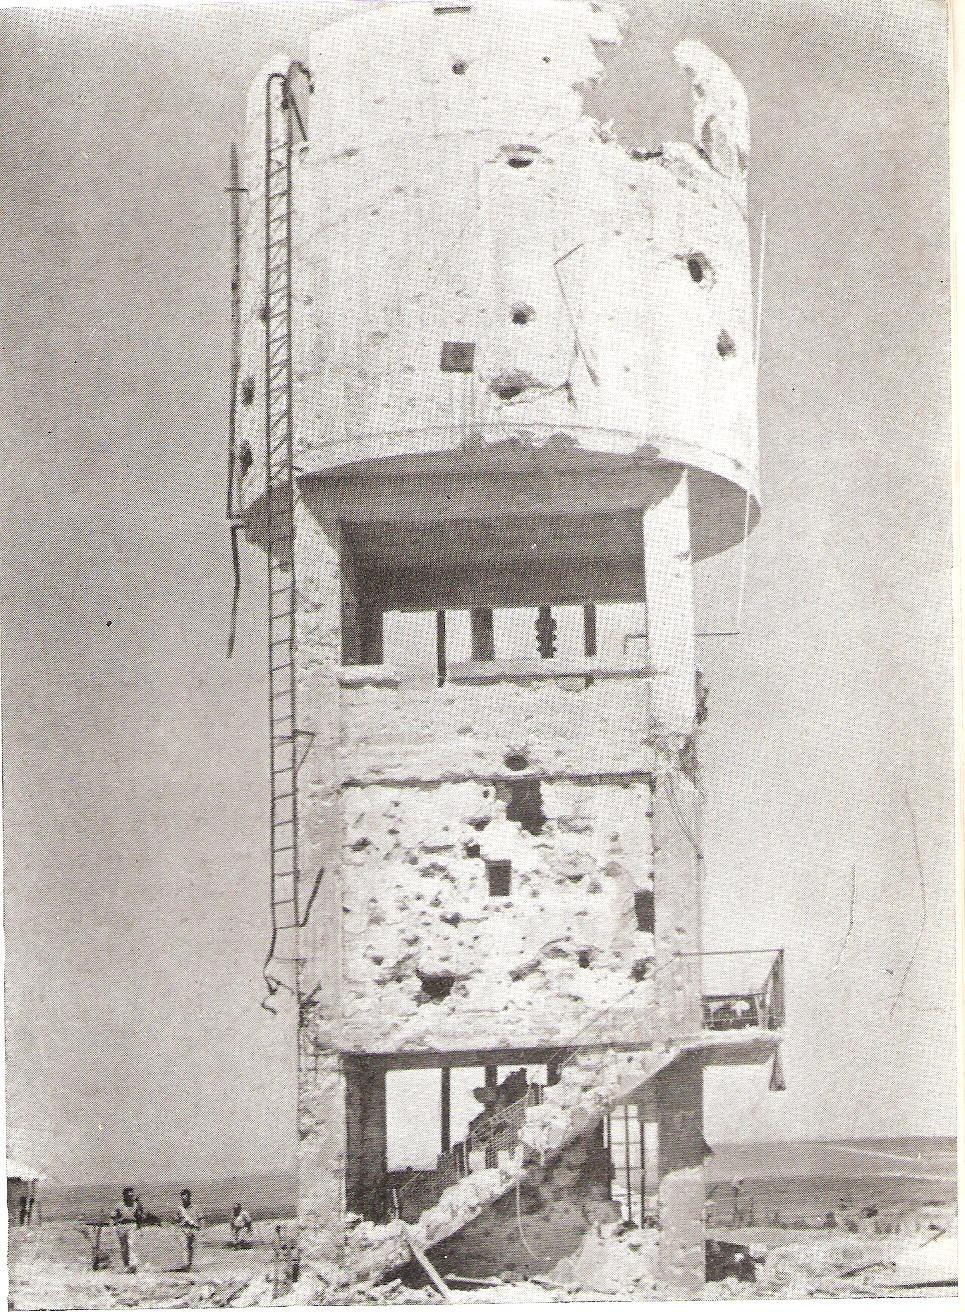 מגדל המים בבארות יצחק לאחר ההתקפה